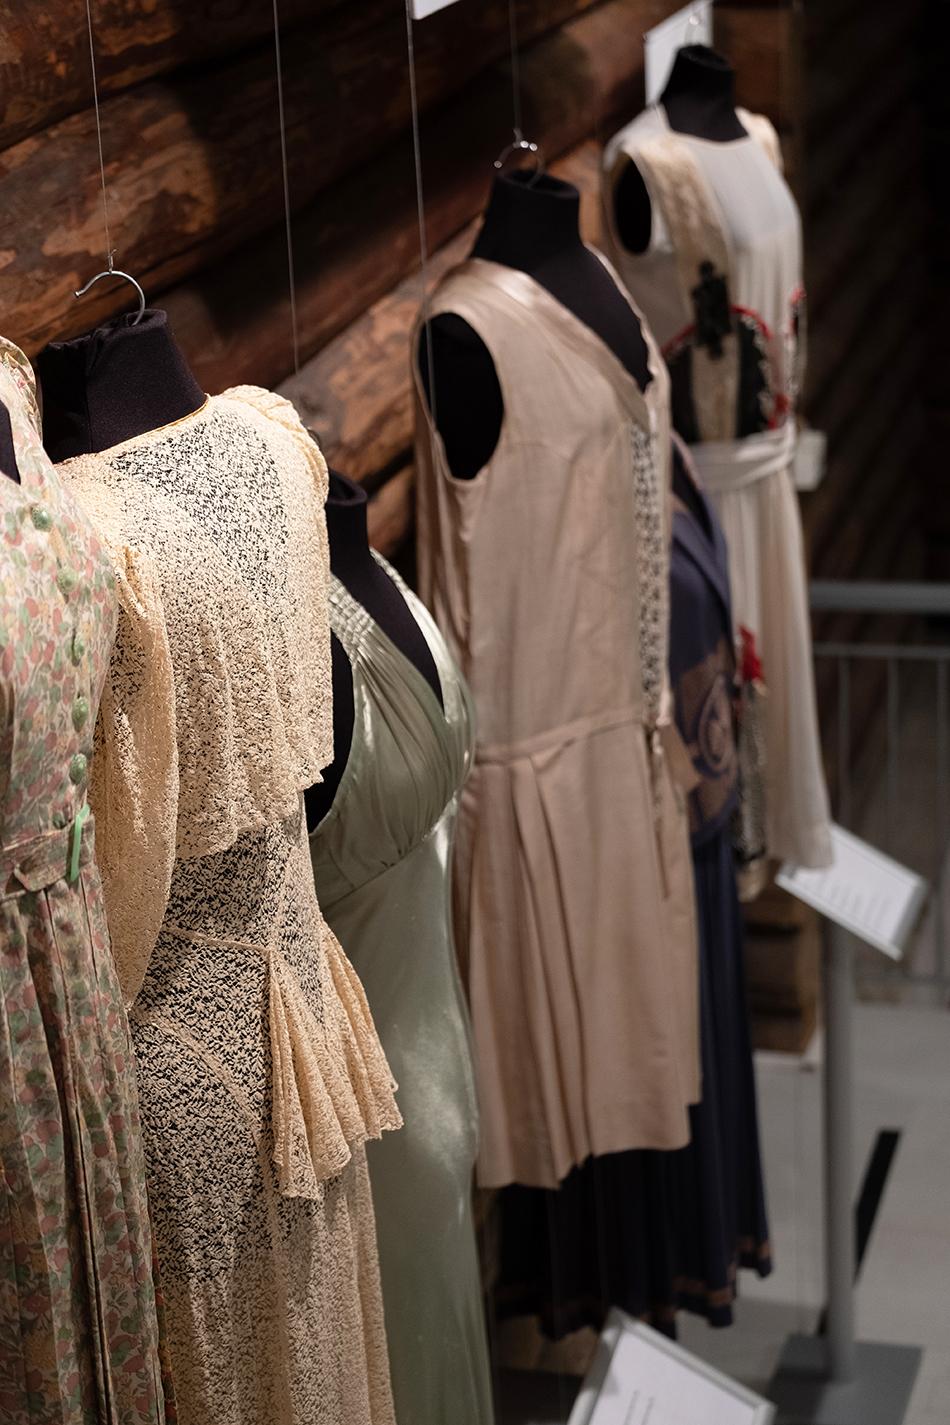 938f0b35 Stil og mote gjennom 100 år: «100 år med nål og tråd» er utstillingen på  Bymuseet i Oslo som viser håndverk produsert av kvinner fram til i dag.